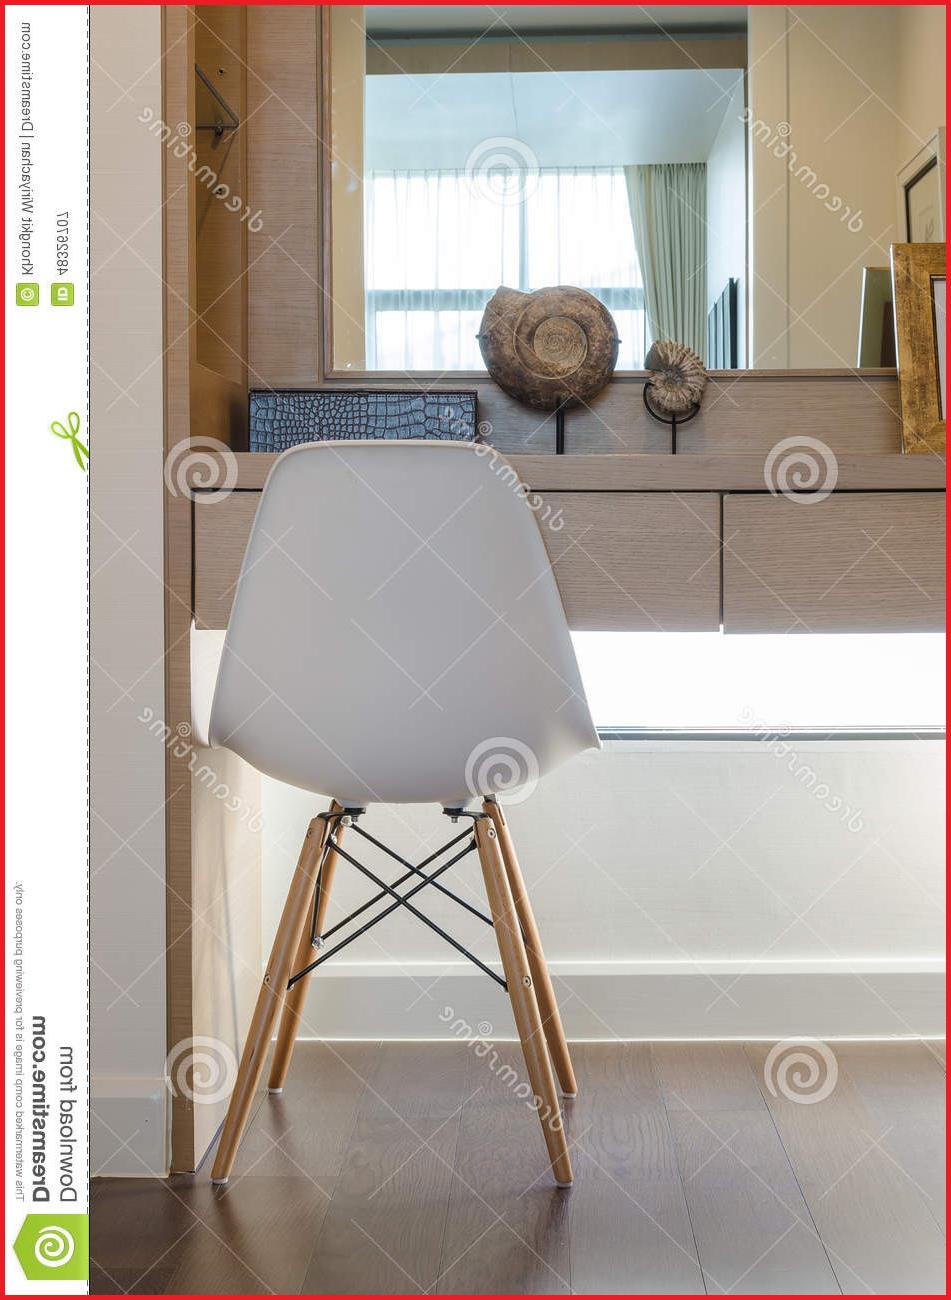 Sillas Para tocador Xtd6 Sillas Para tocador Silla Blanca Moderna Con El tocador